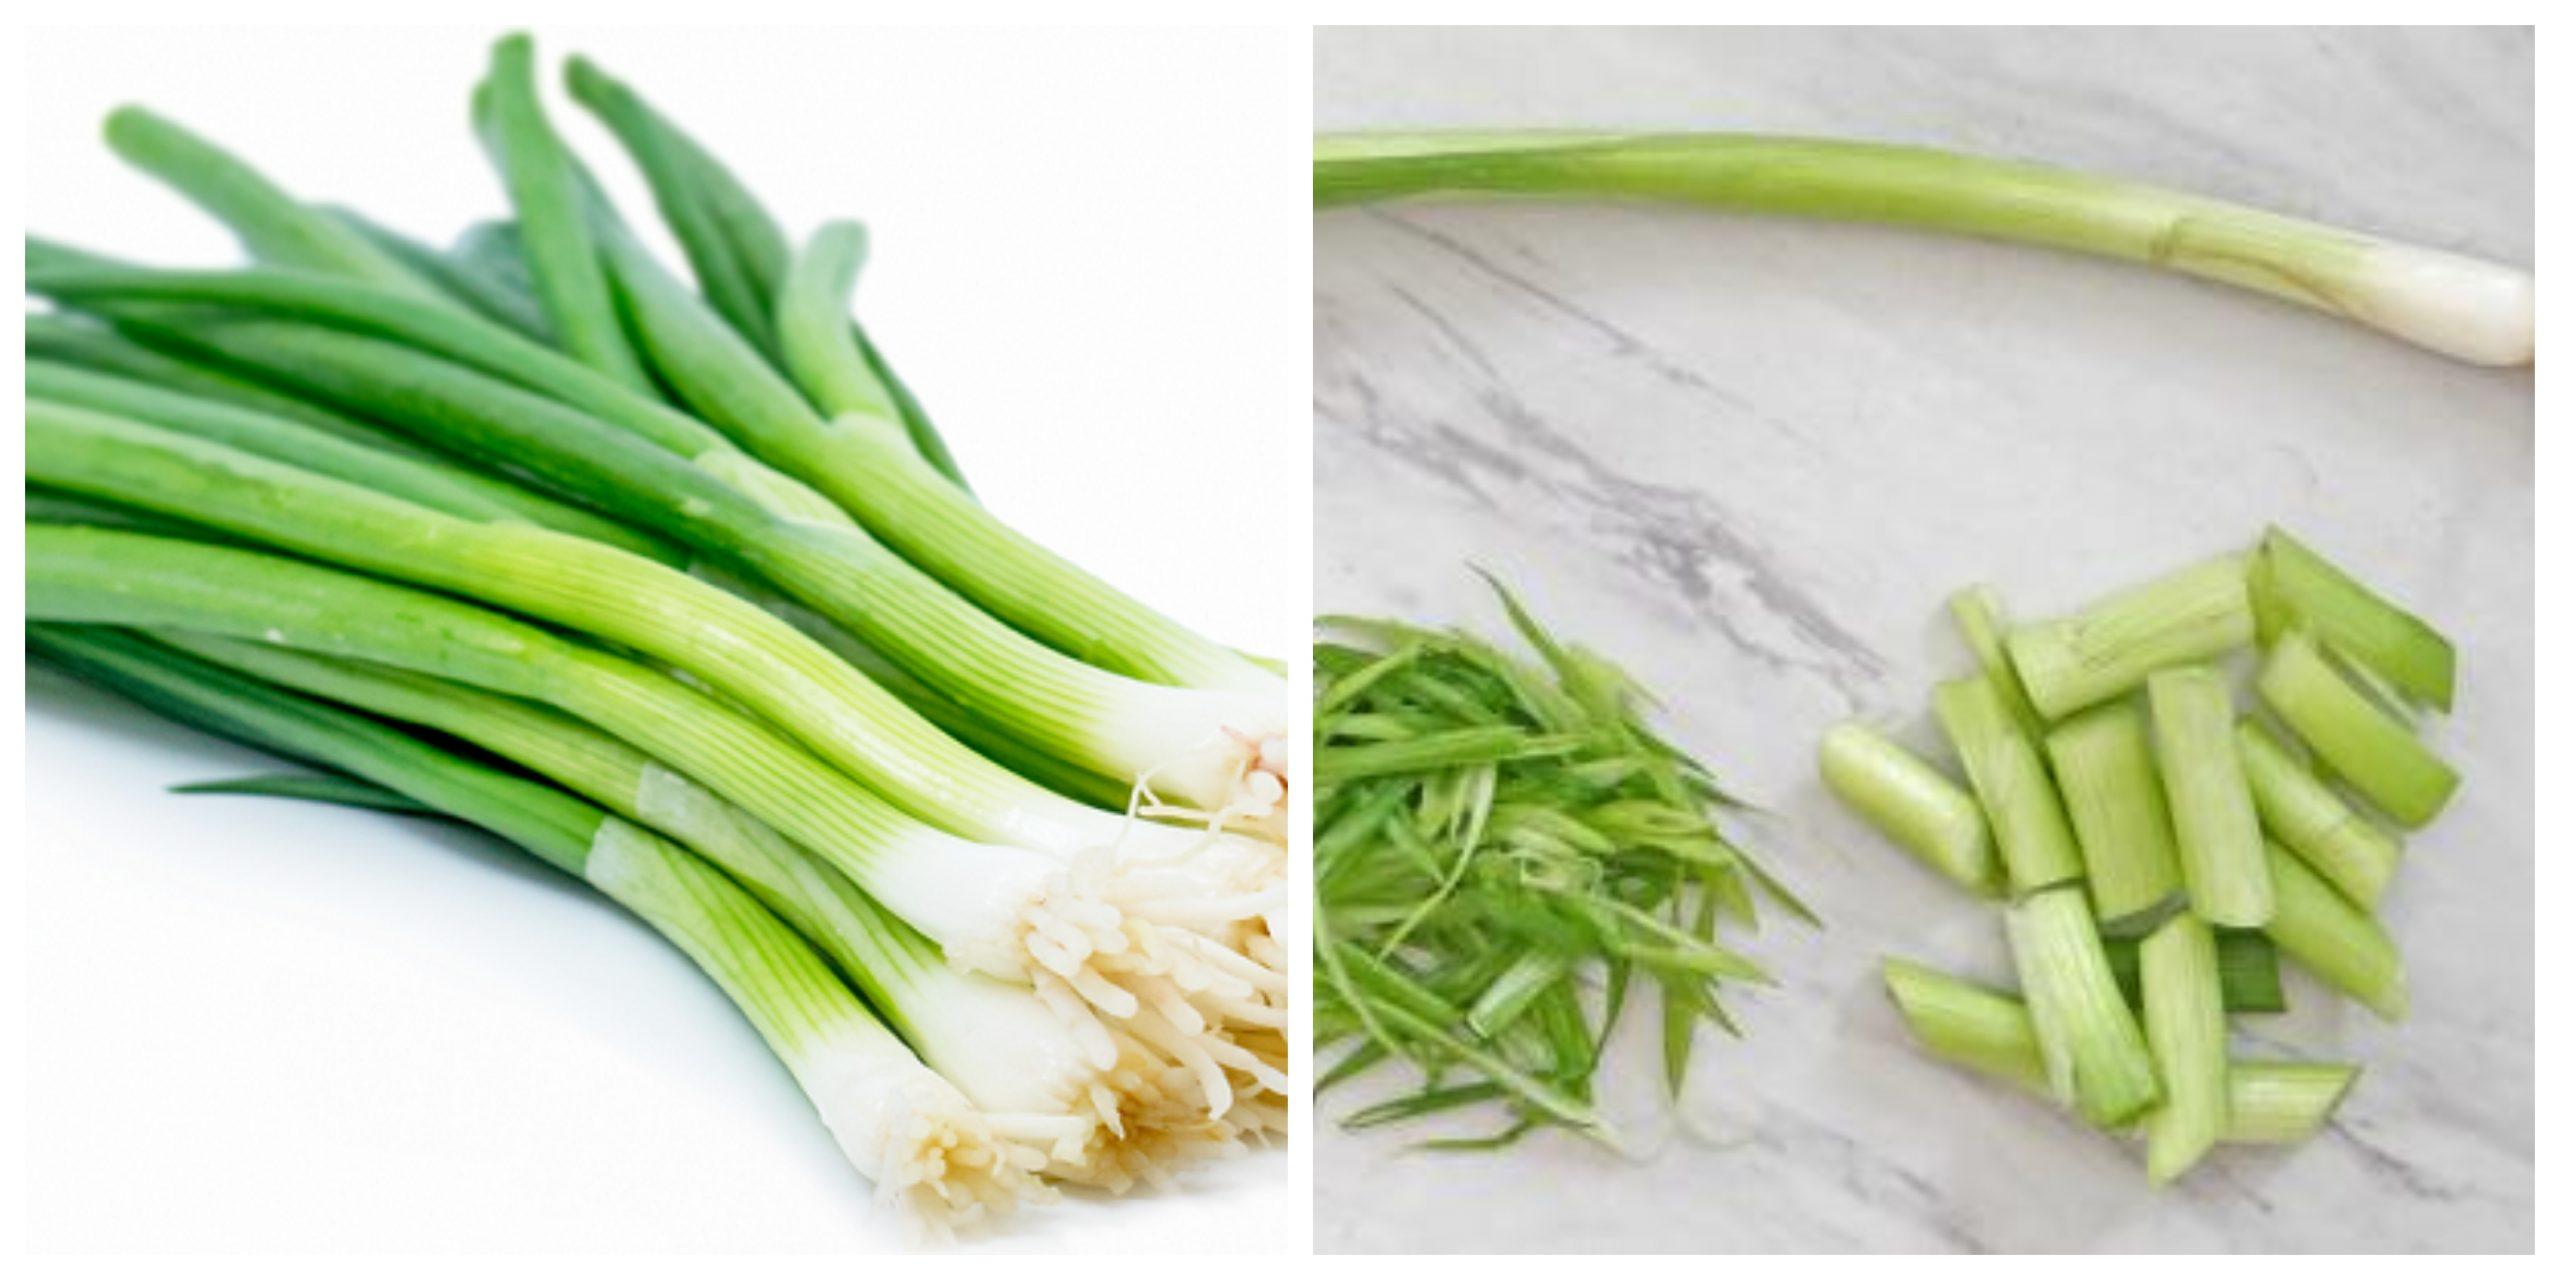 الفوائد الصحية لتناول البصل الأخضر